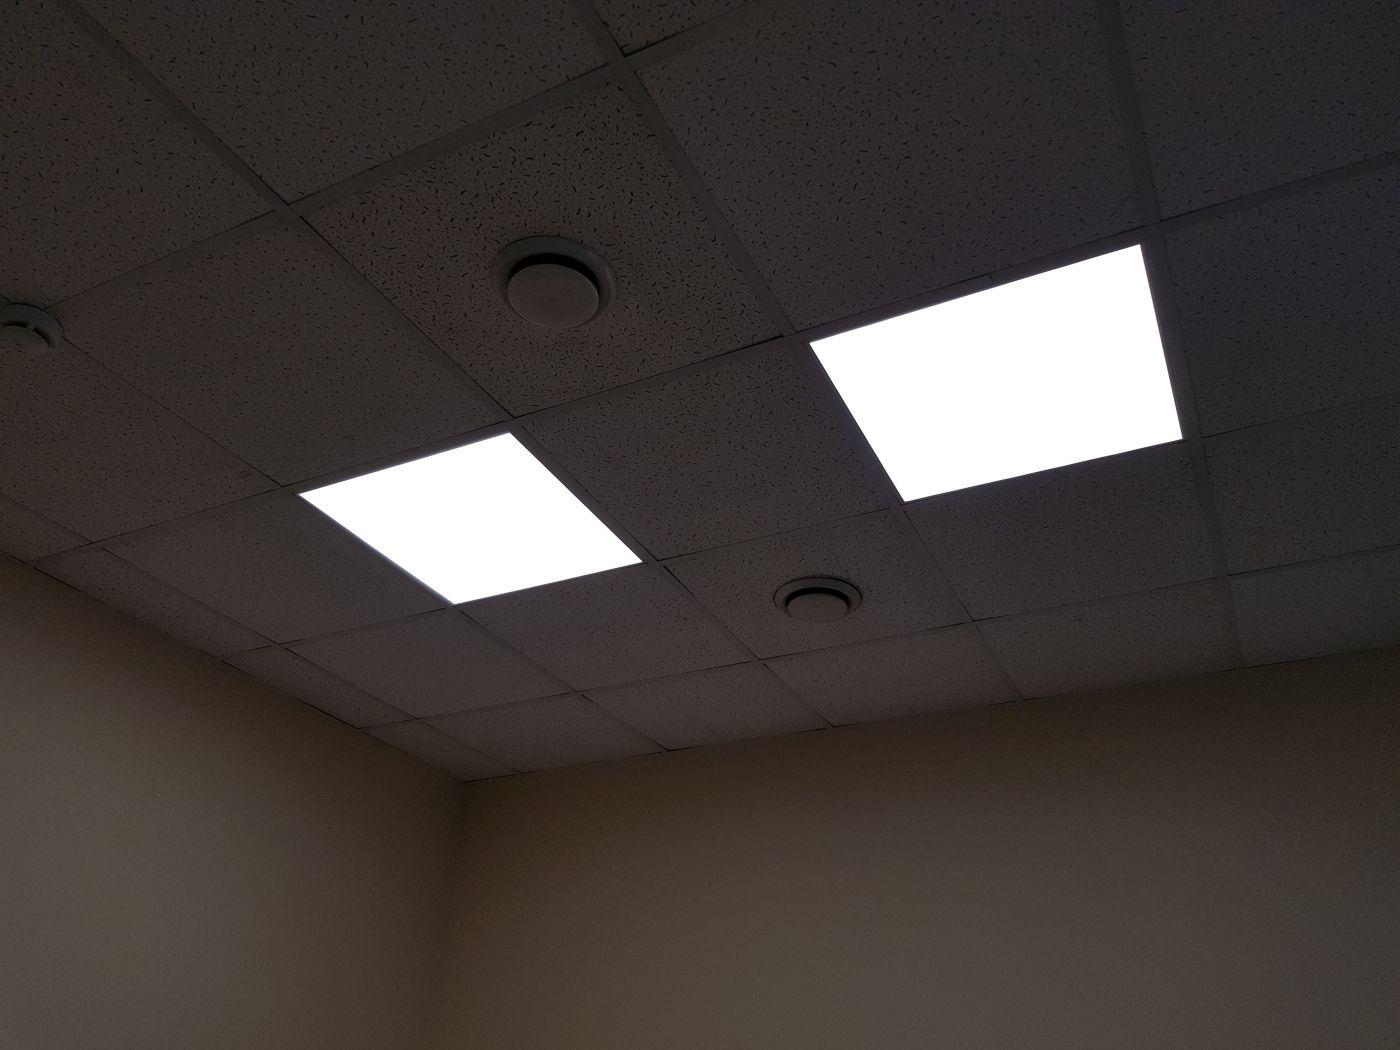 Светодиодный светильник Армстронг 595х595х40мм 72Вт 5000K IP54